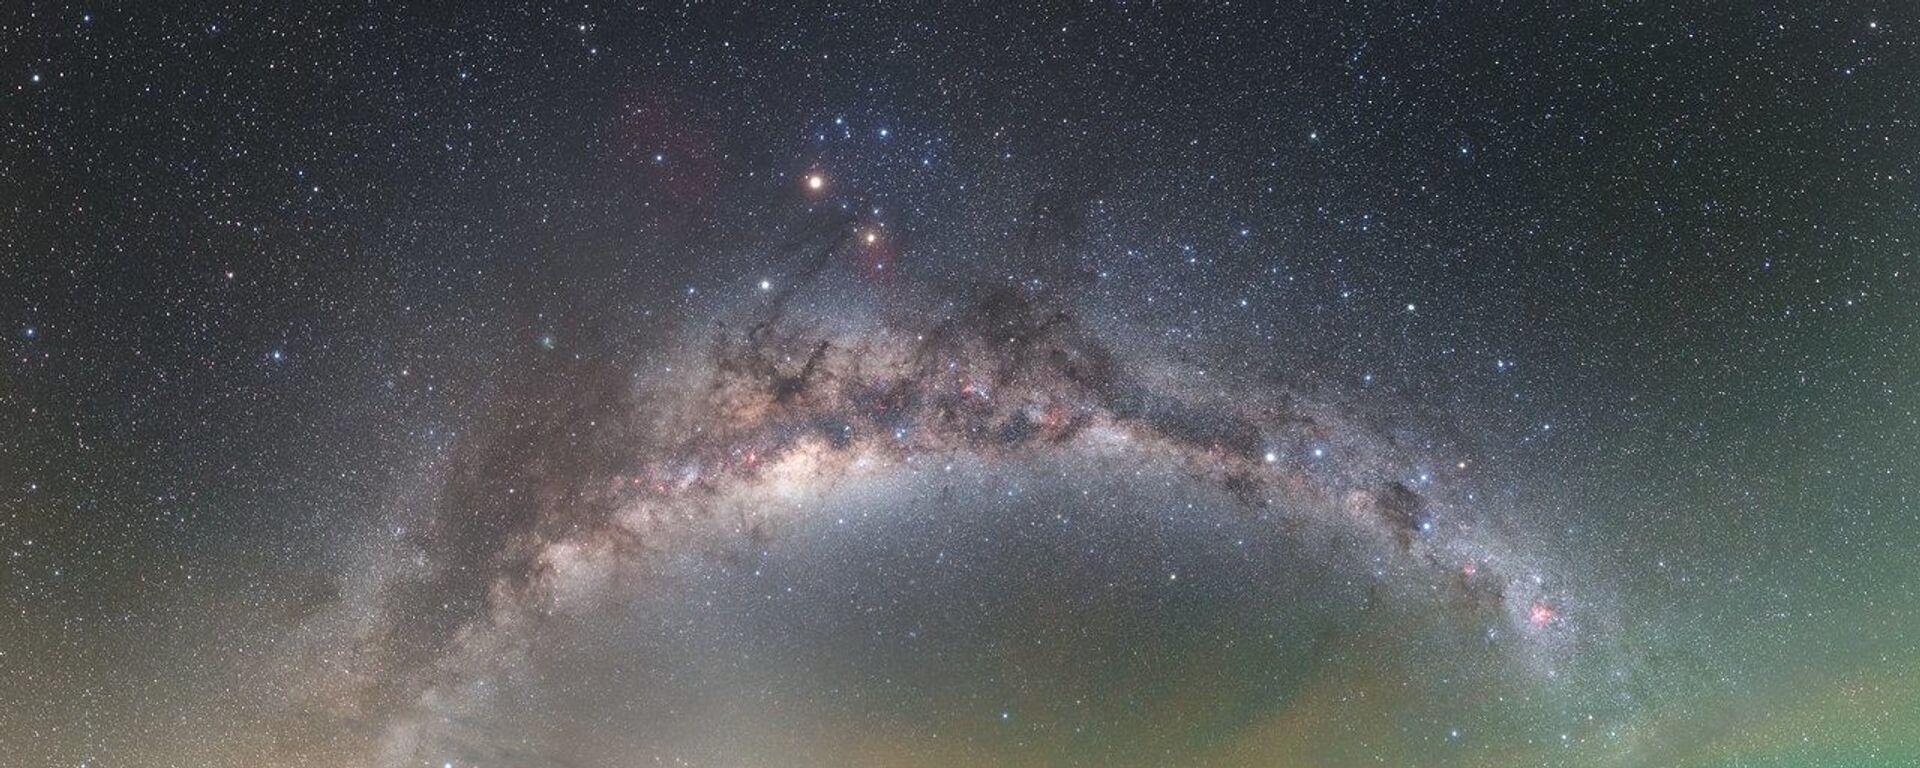 Млечни пут изнад Опсерваторије Паранал у пустињи Атакама - Sputnik Србија, 1920, 27.11.2020